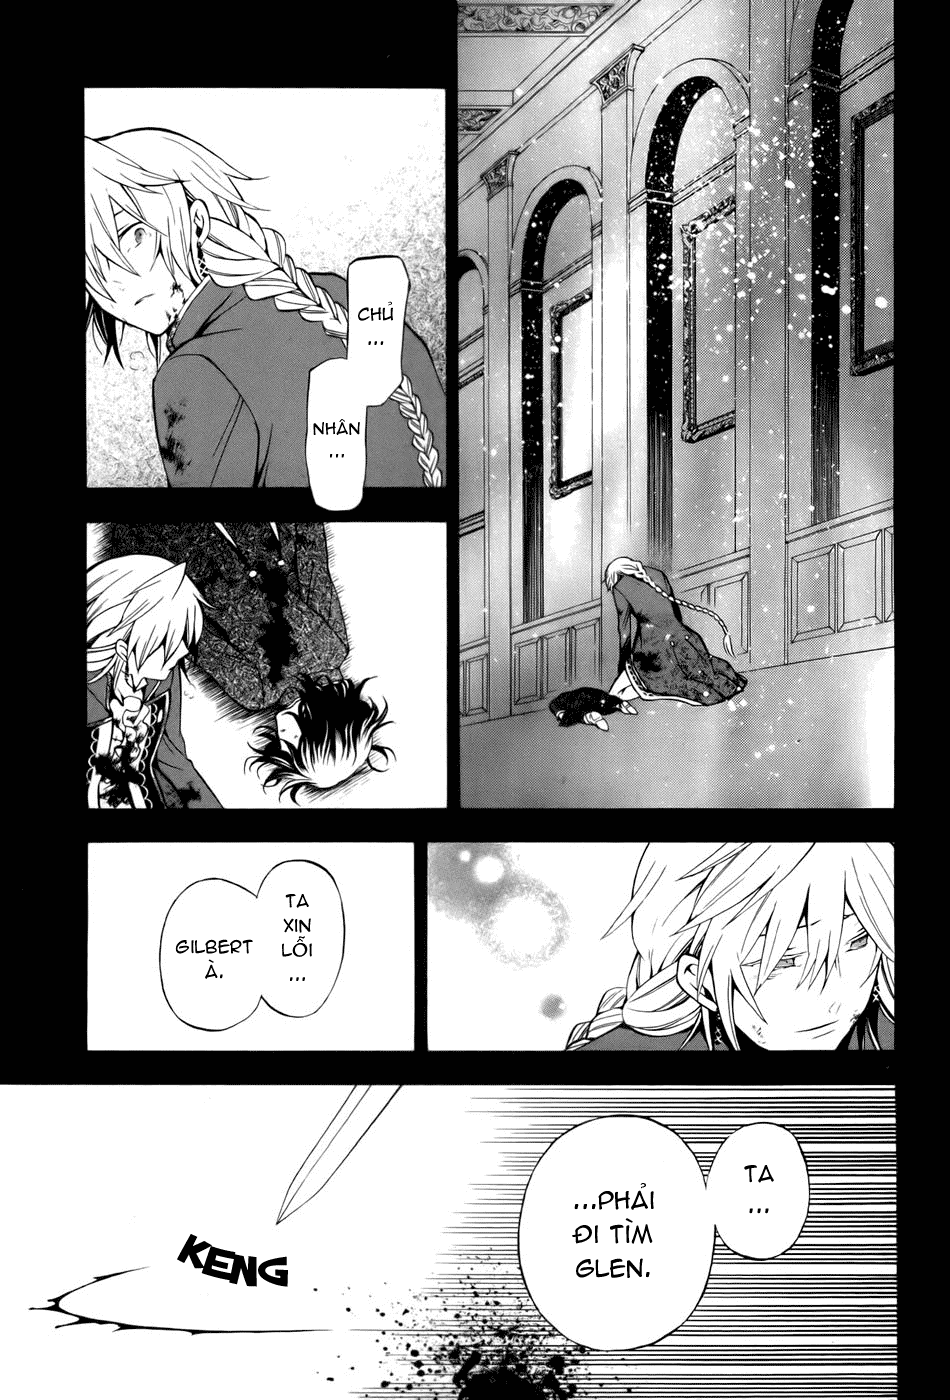 Pandora Hearts chương 039 - retrace: xxxix gate of blackness (tr.72. fixed ver.) trang 31